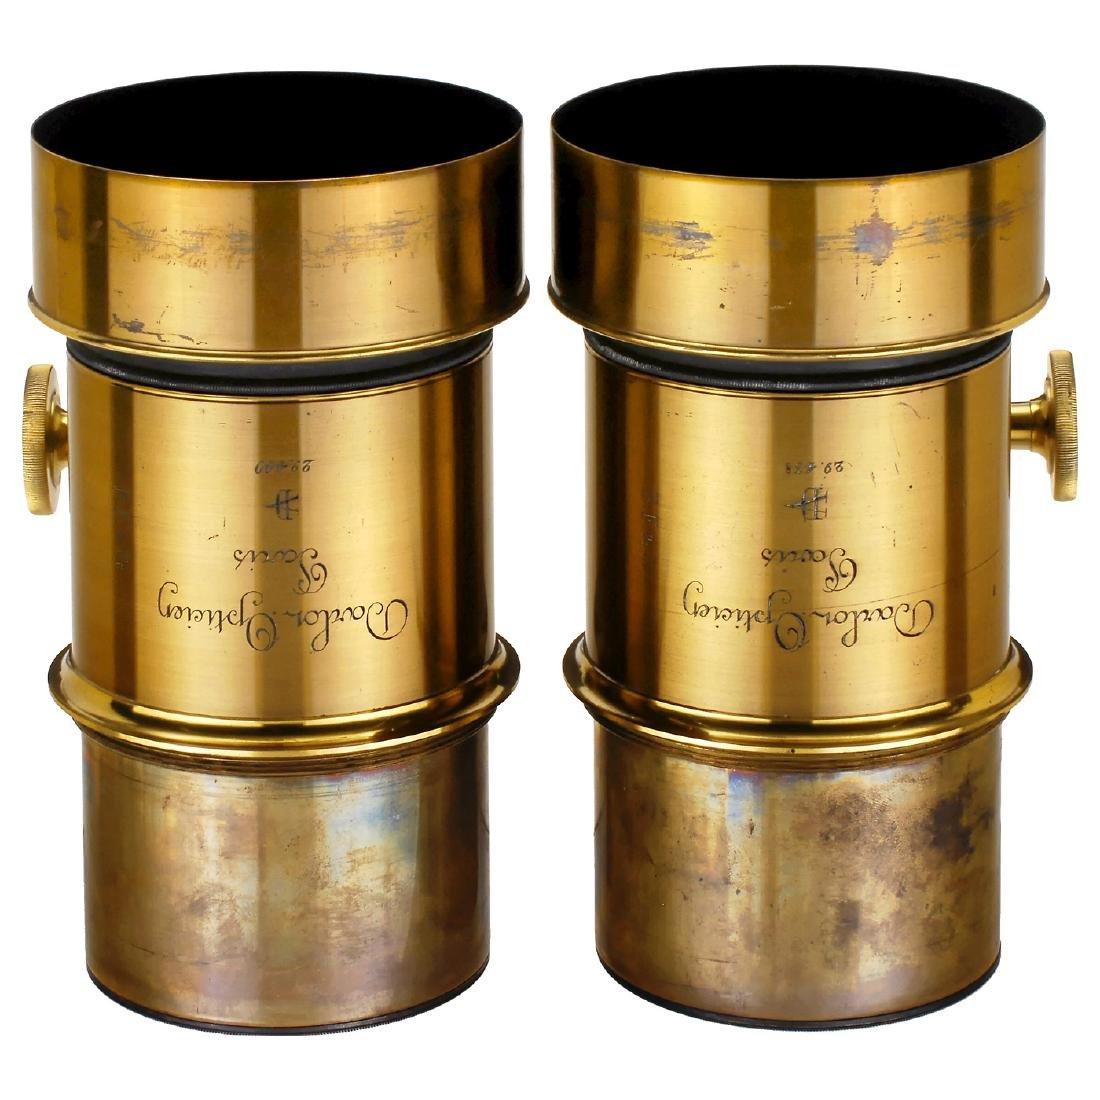 Biunial Magic Lantern with Petzval-Type Darlot Lenses, - 3